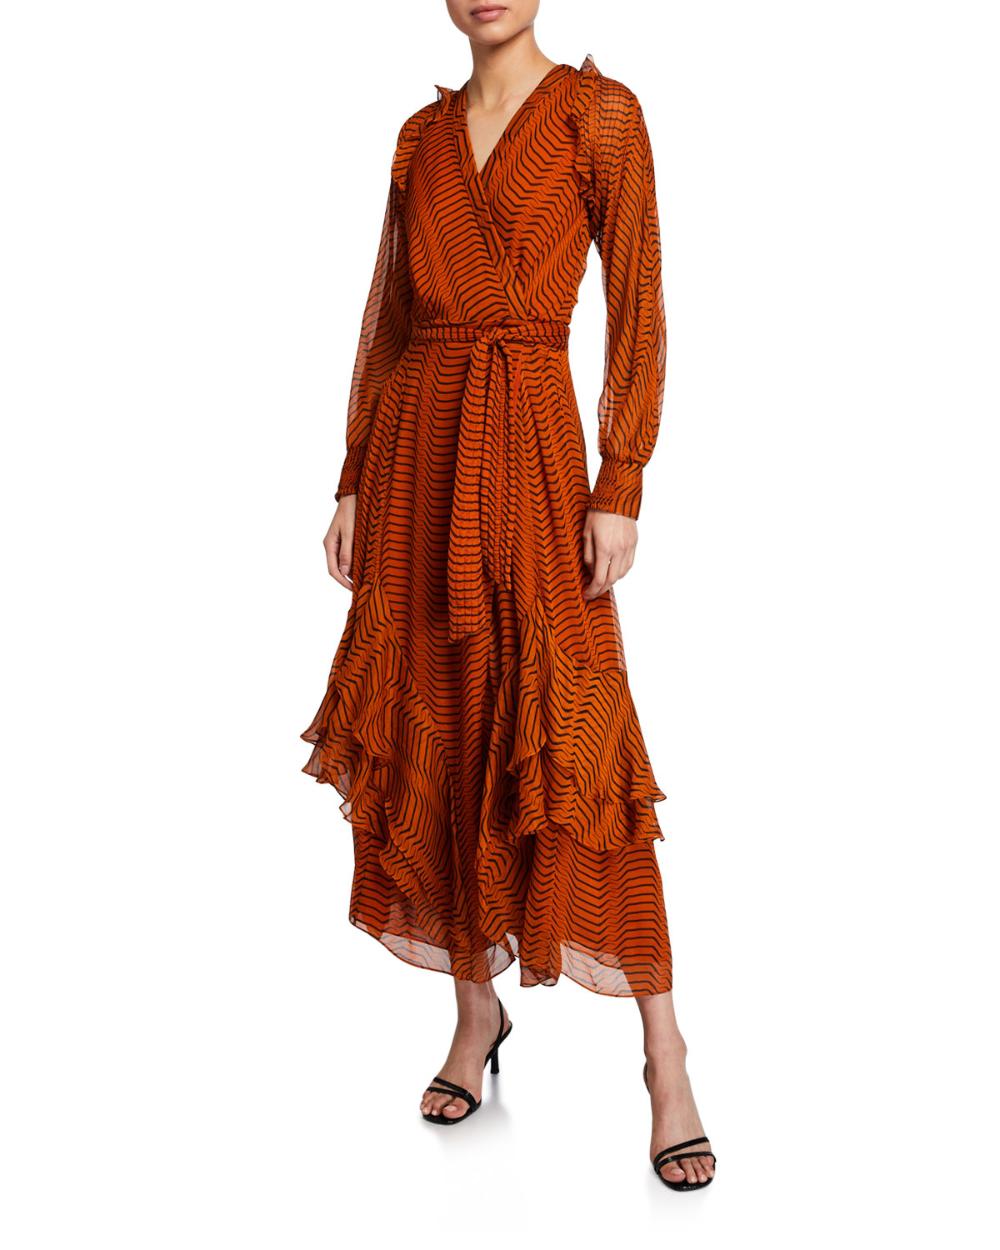 Diane Von Furstenberg Mercy Striped Silk Georgette Long Sleeve Dress Long Sleeve Dress Diane Von Furstenberg Dresses [ 1250 x 1000 Pixel ]